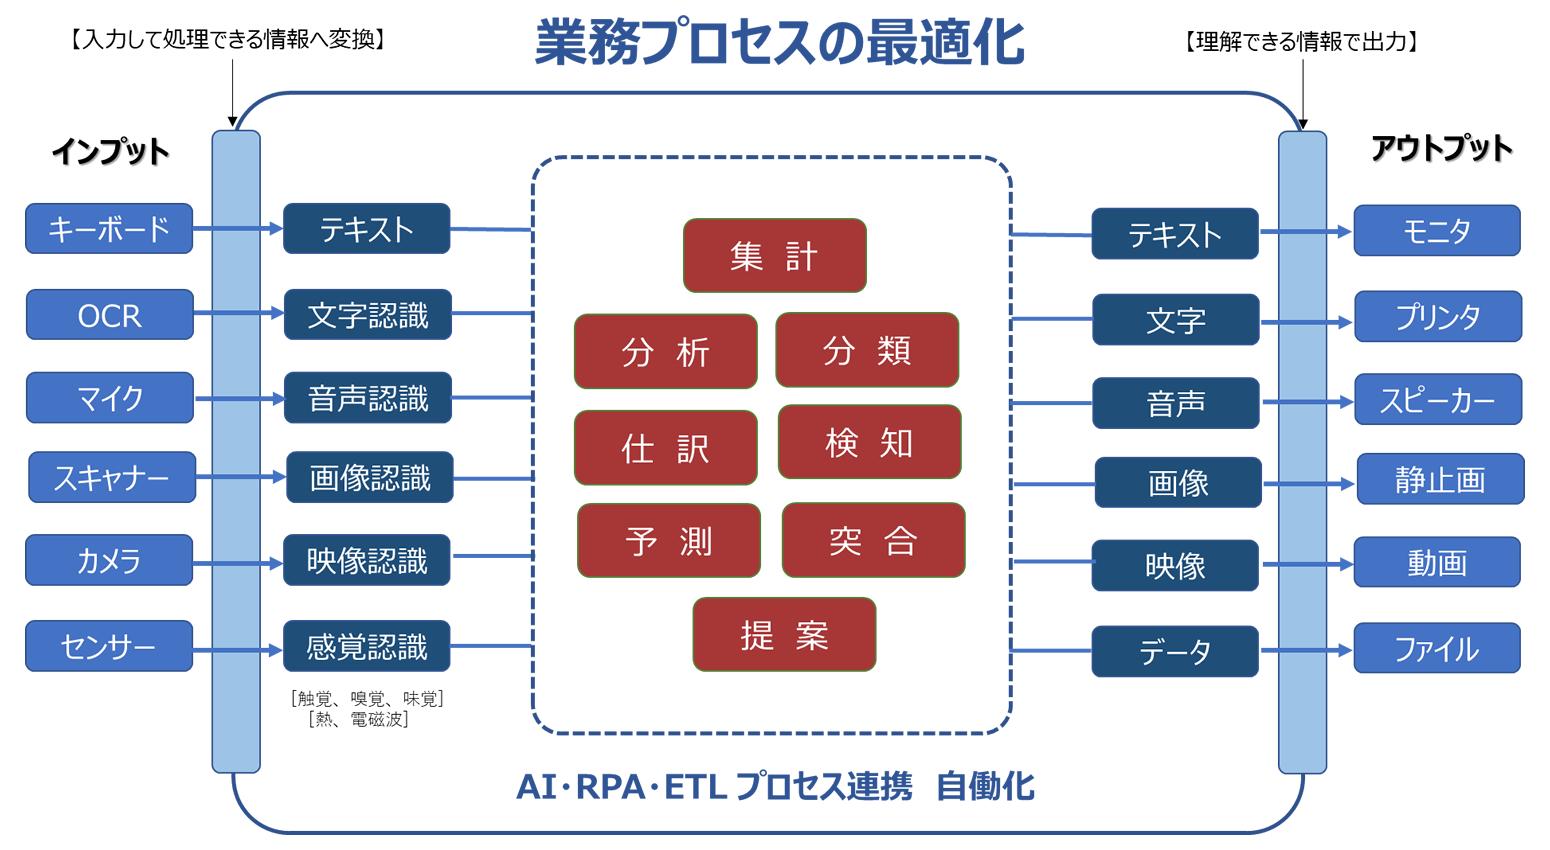 業務プロセスリノベーション | eSECTOR(イーセクター)